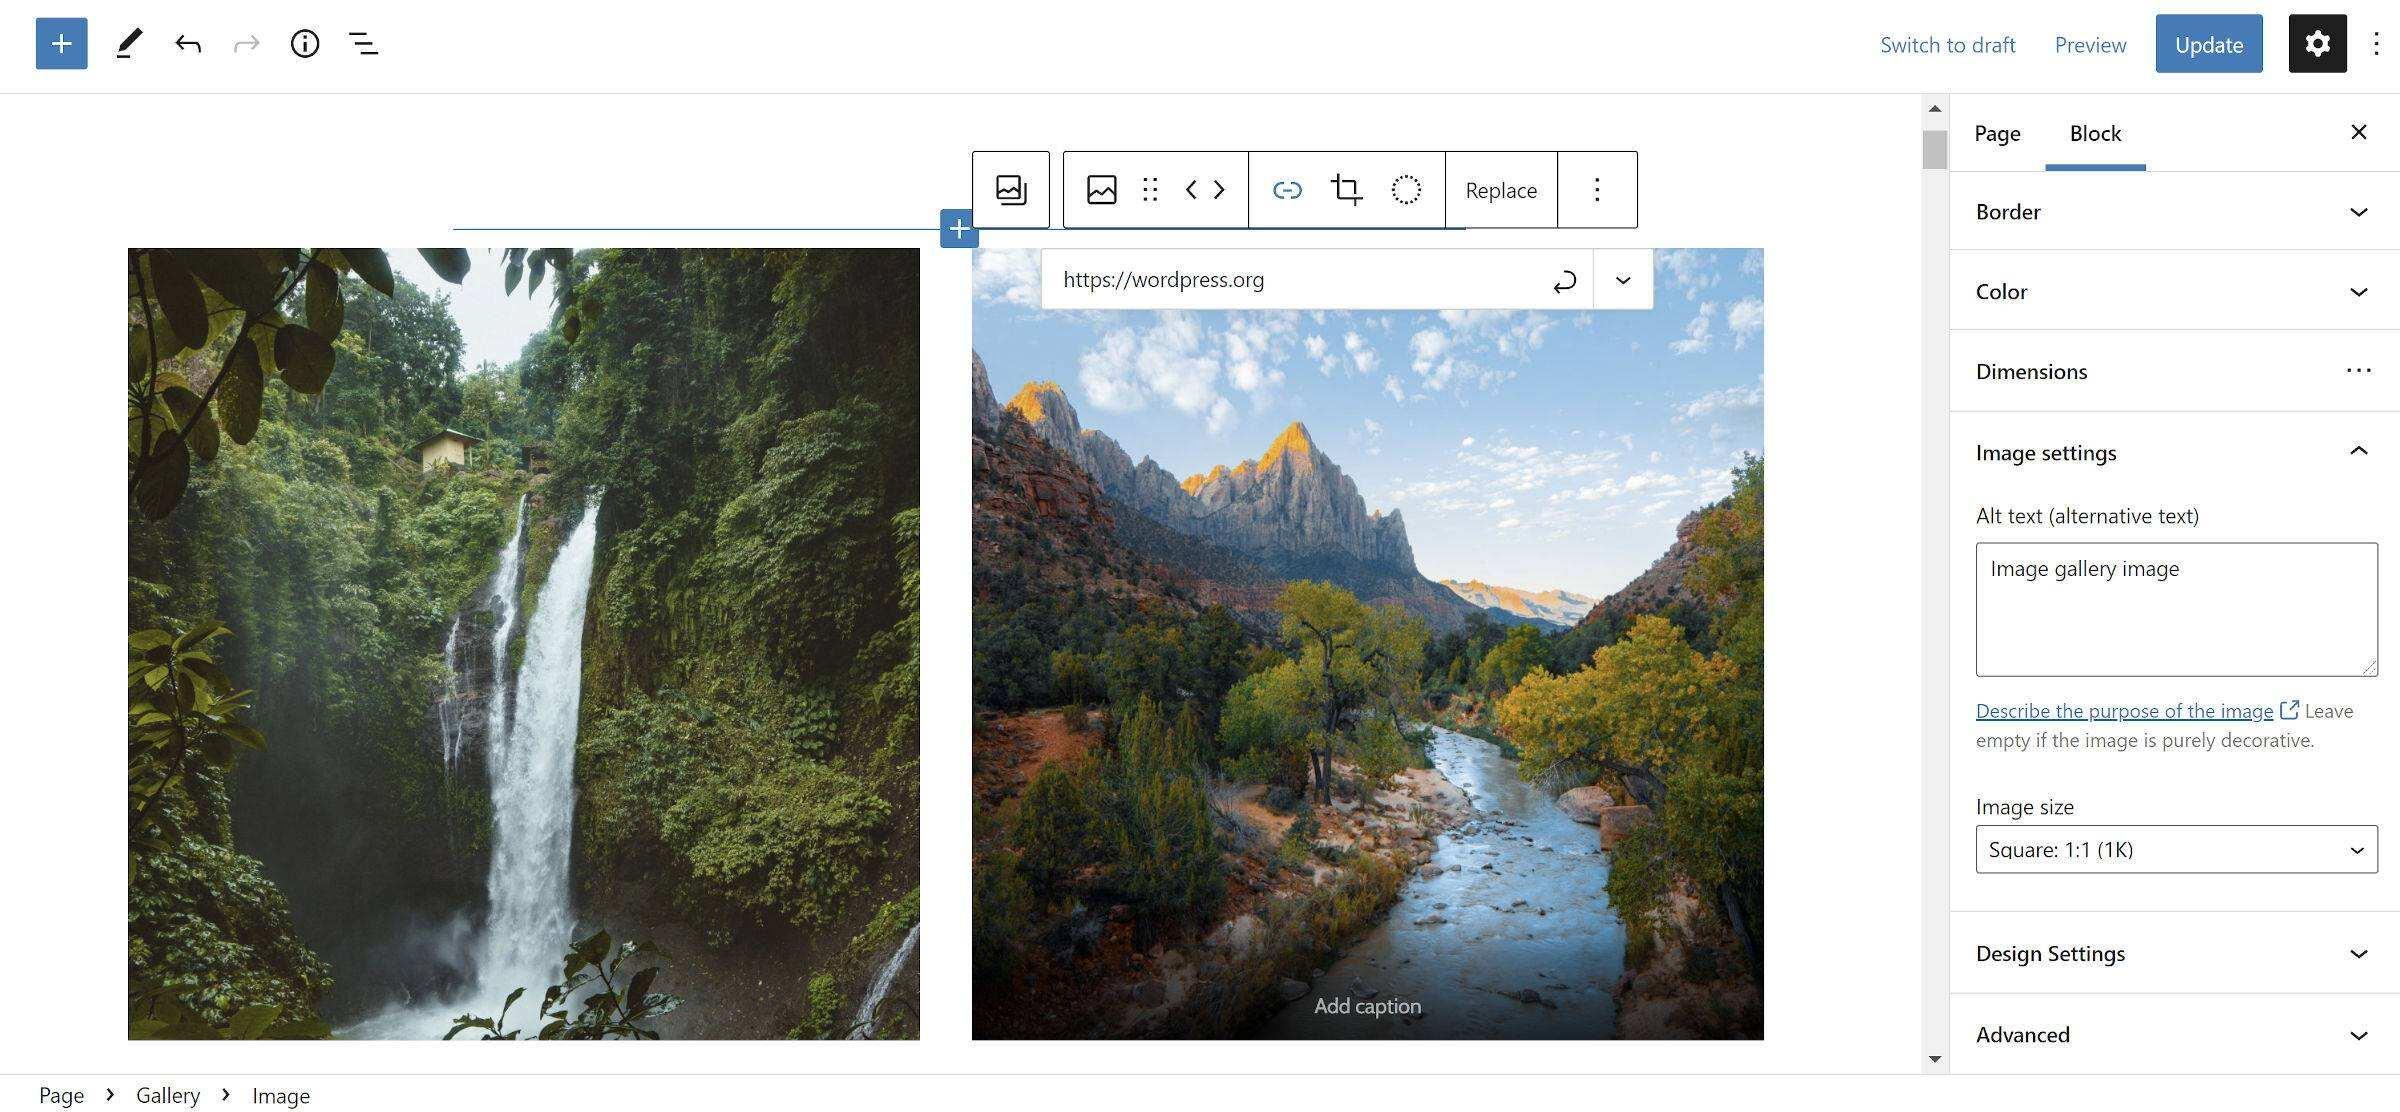 添加到画廊中图片区块的链接